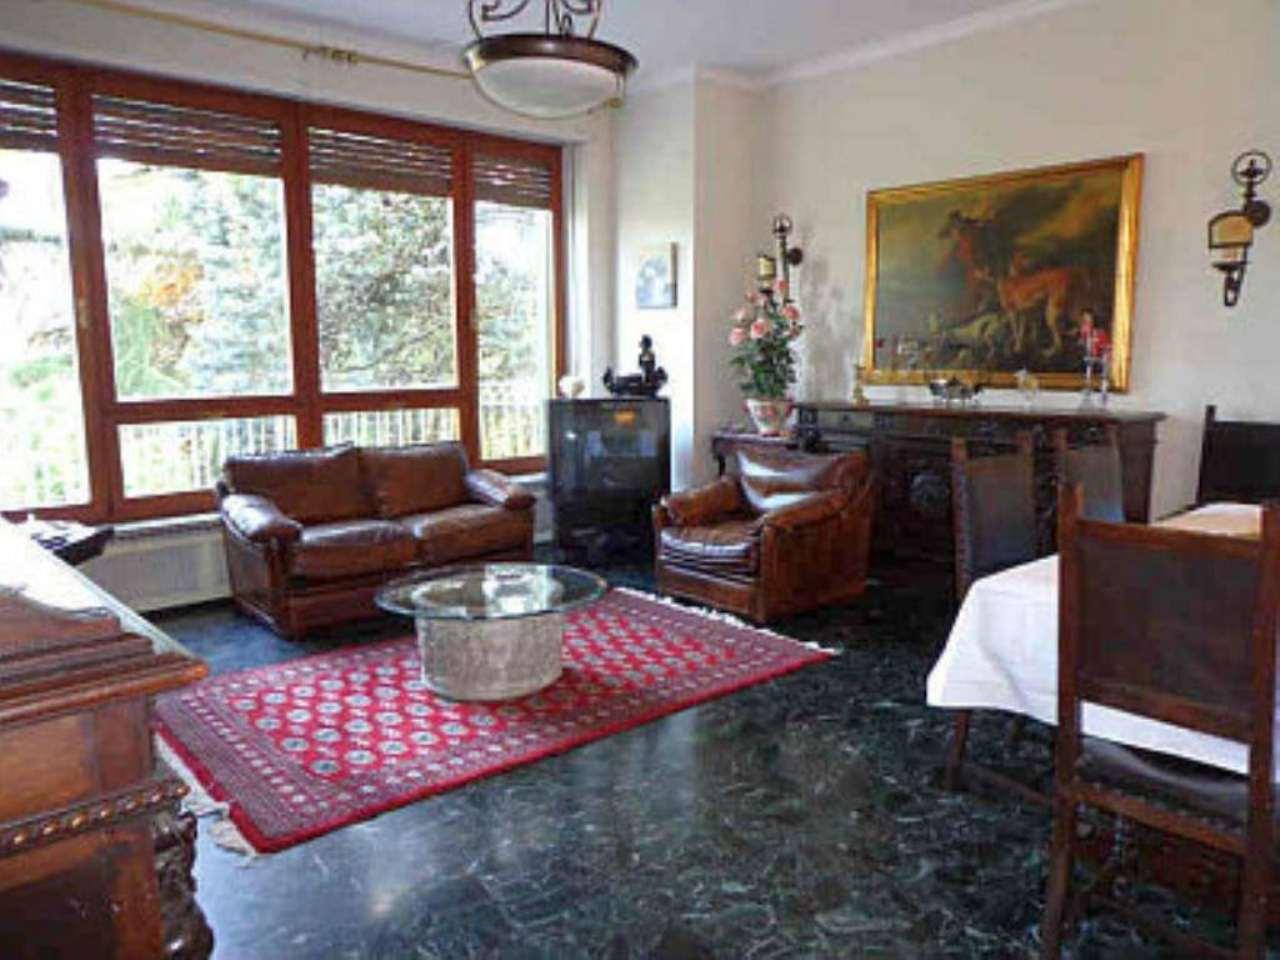 Villa in vendita a Moncalieri, 11 locali, prezzo € 420.000 | CambioCasa.it